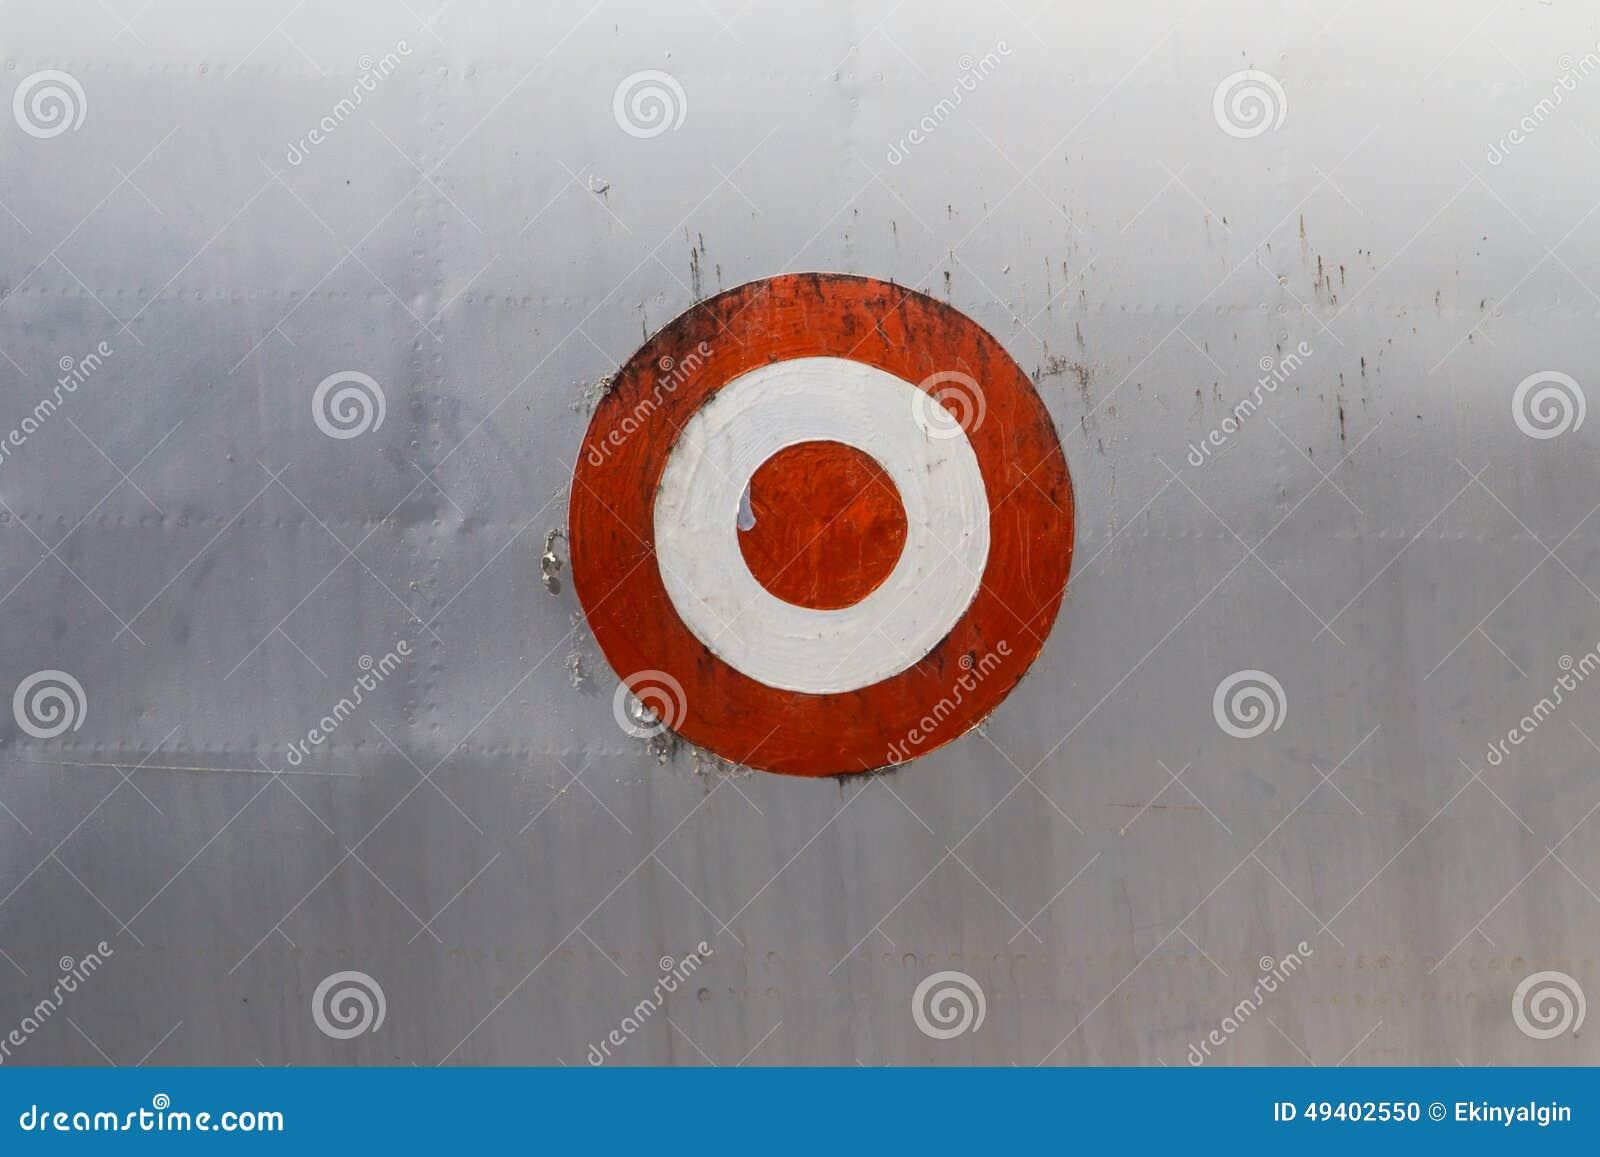 Download Ziel-Symbol auf Fläche stockfoto. Bild von sonderkommando - 49402550